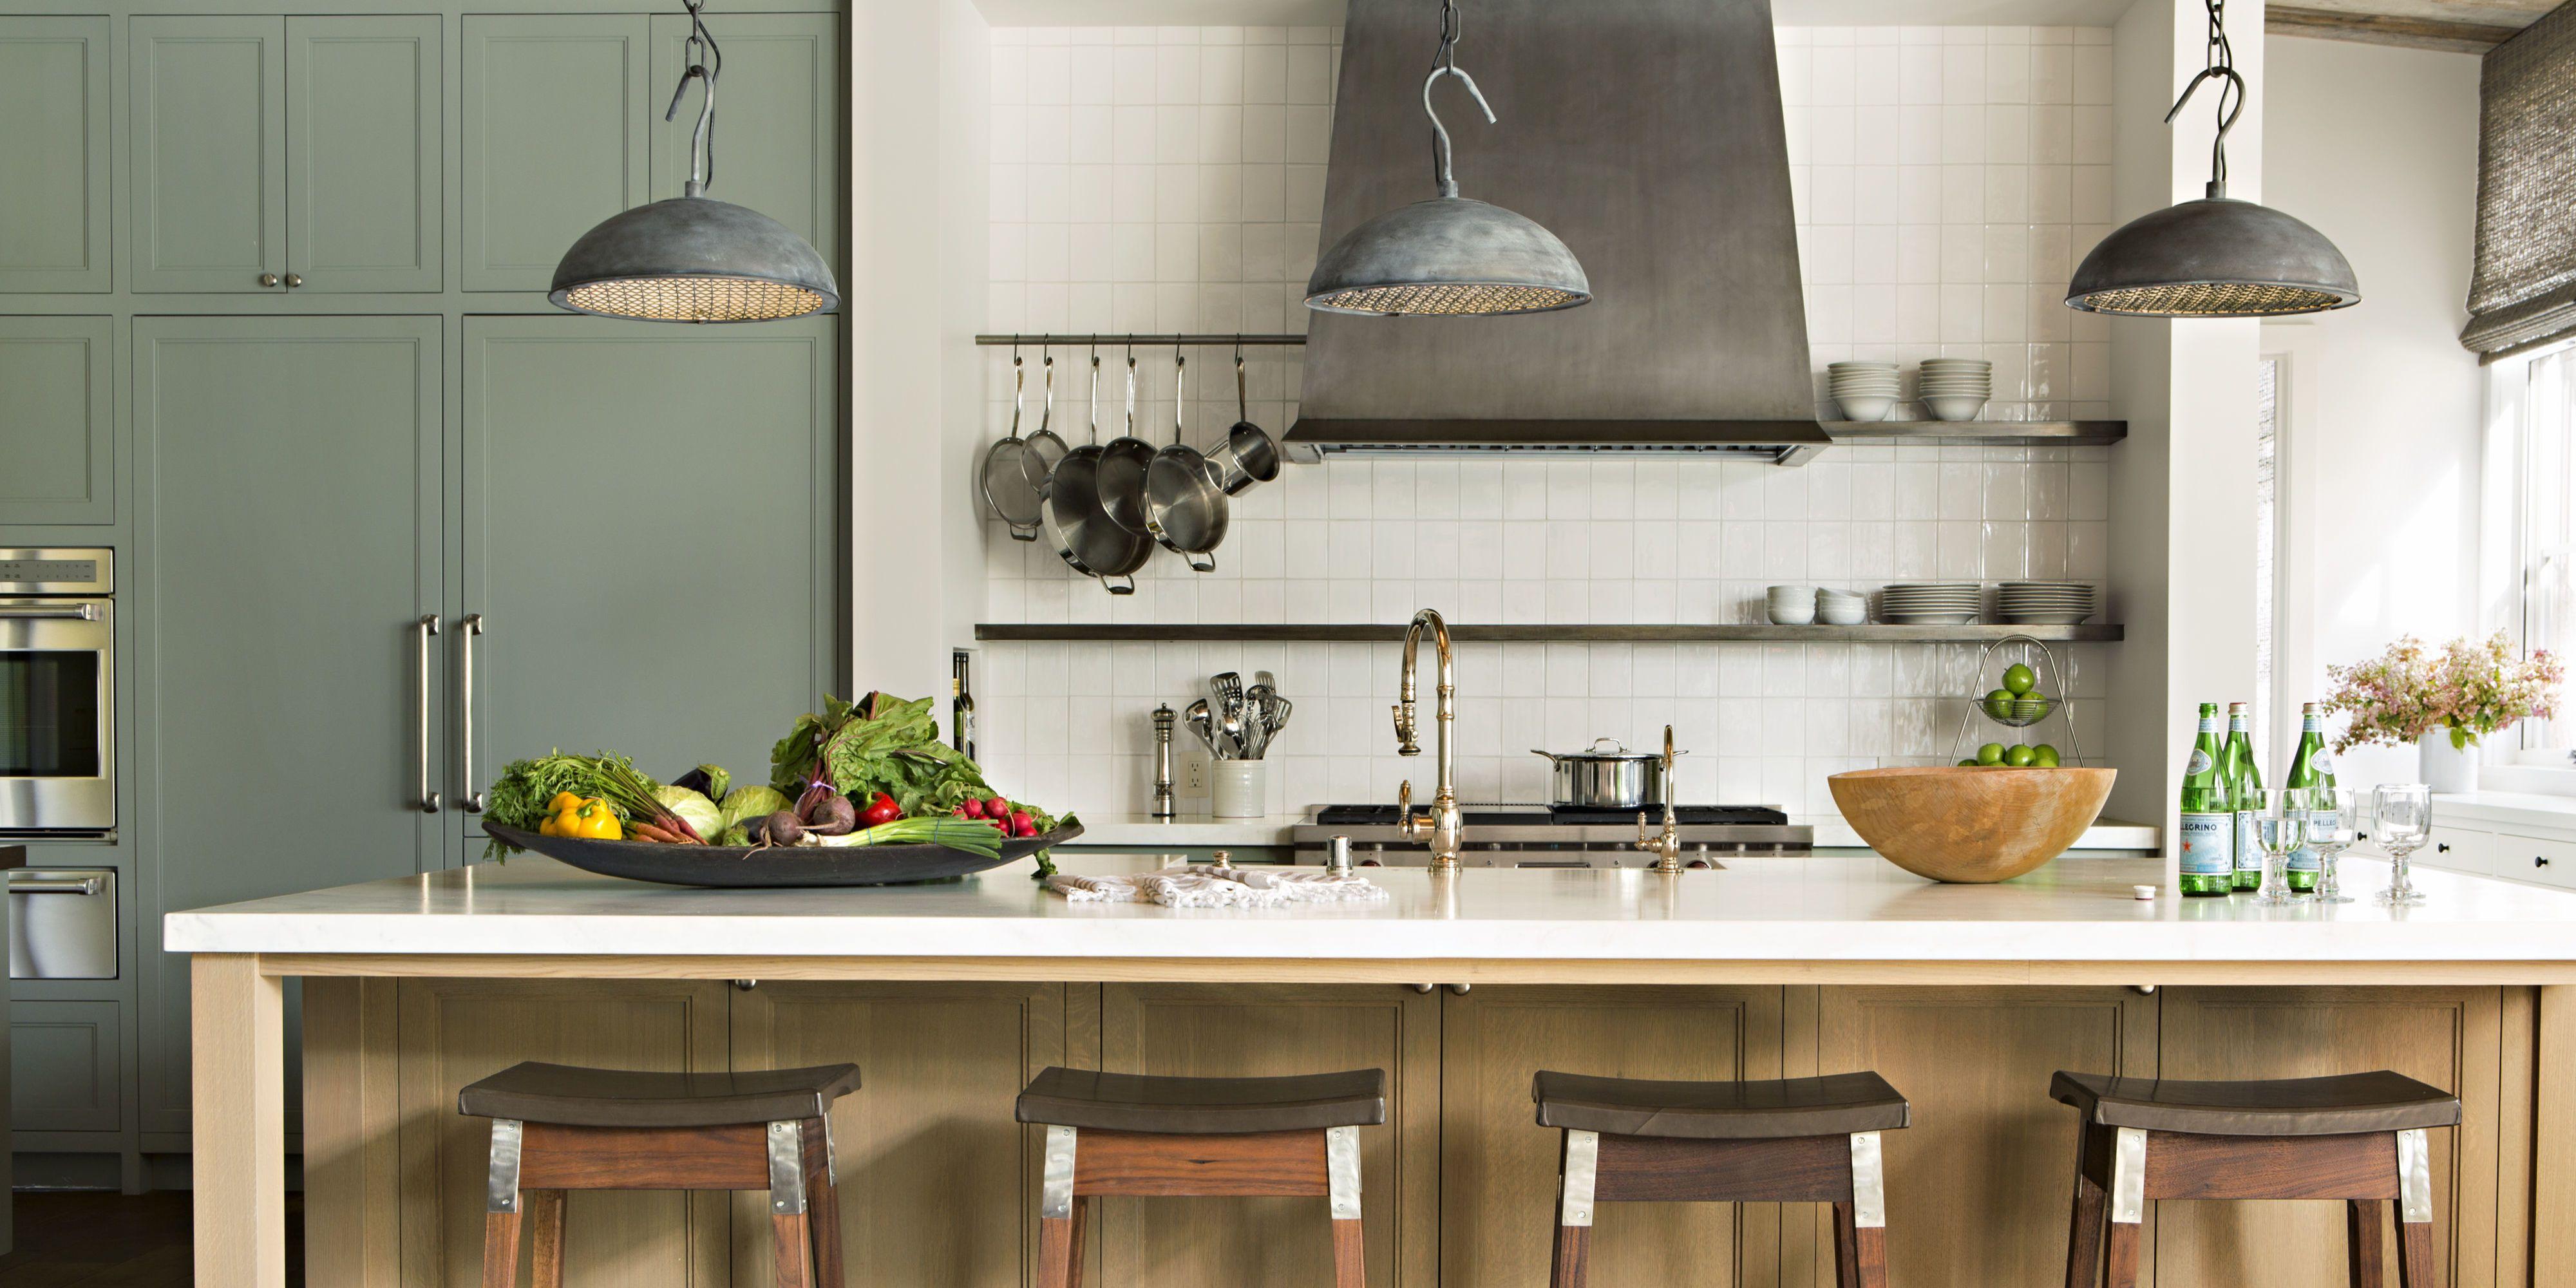 20 best kitchen lighting ideas modern light fixtures for home rh housebeautiful com kitchen island lighting fixtures ideas Kitchen Lighting Design Ideas